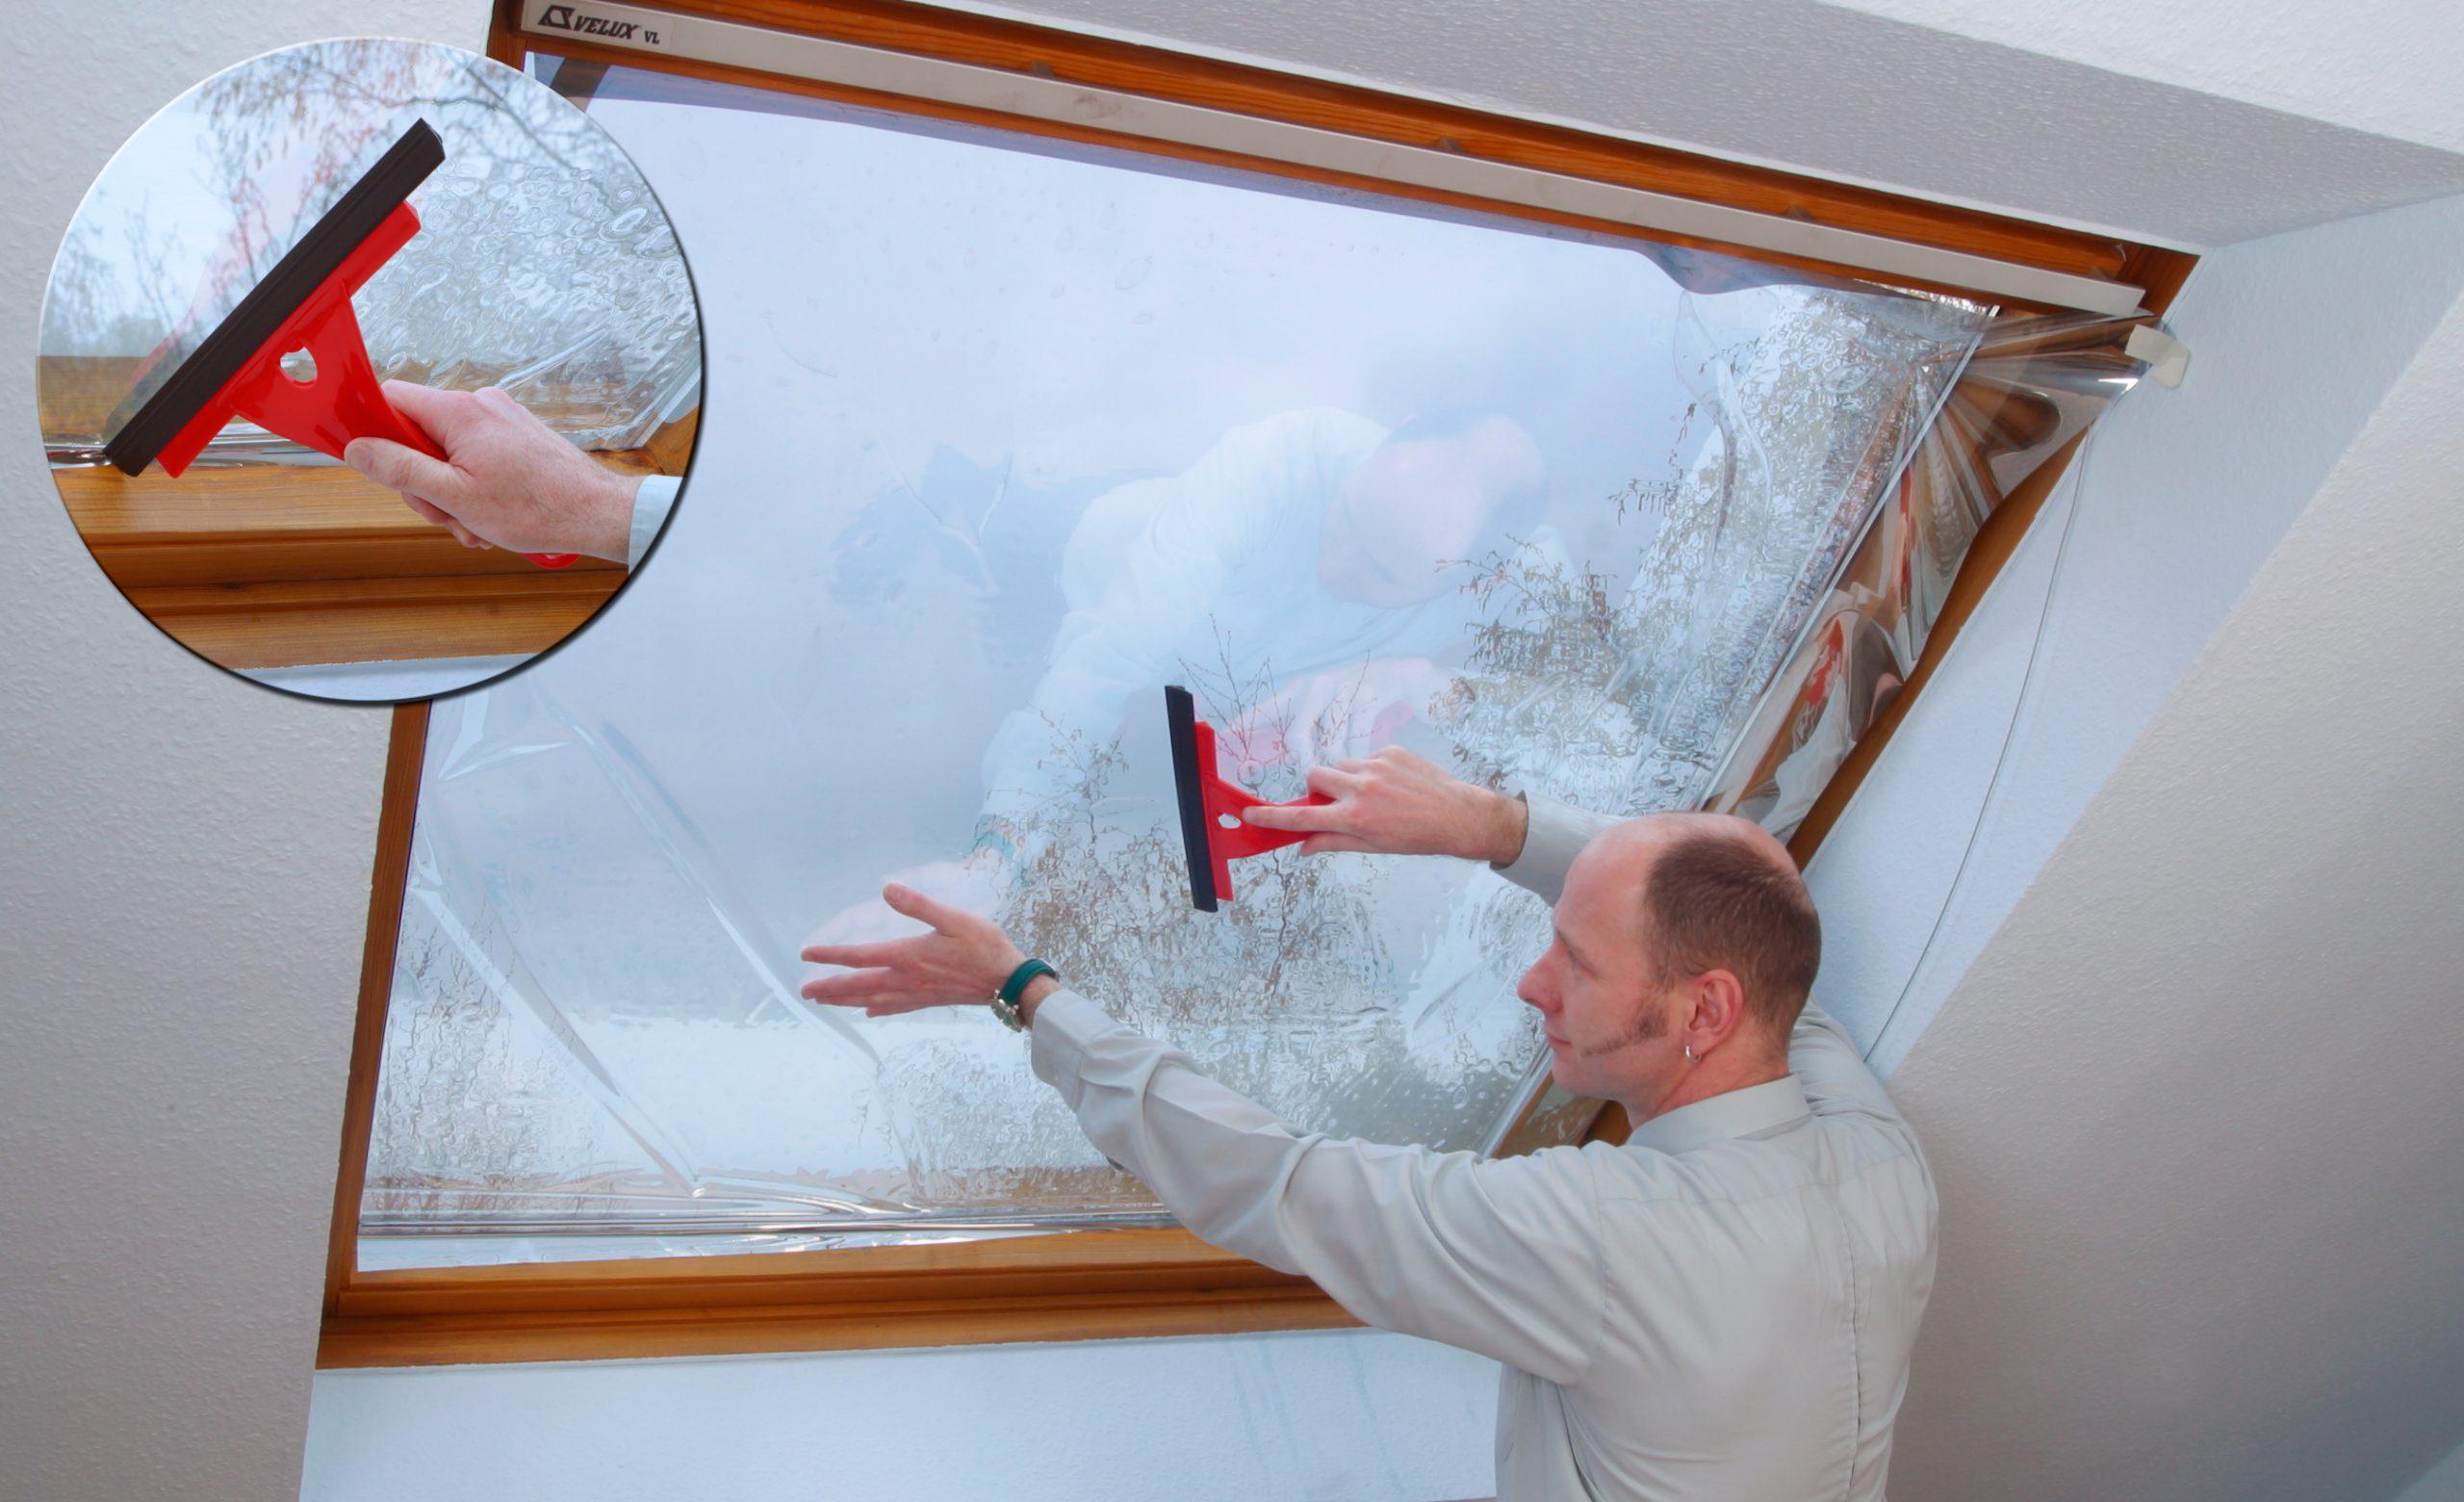 Full Size of Sonnenschutzfolie Fenster Innen Anbringen Hitzeschutzfolie Selbsthaftend Test Montage Entfernen Baumarkt Oder Aussen Doppelverglasung Dachfenster Selbstde Fenster Sonnenschutzfolie Fenster Innen